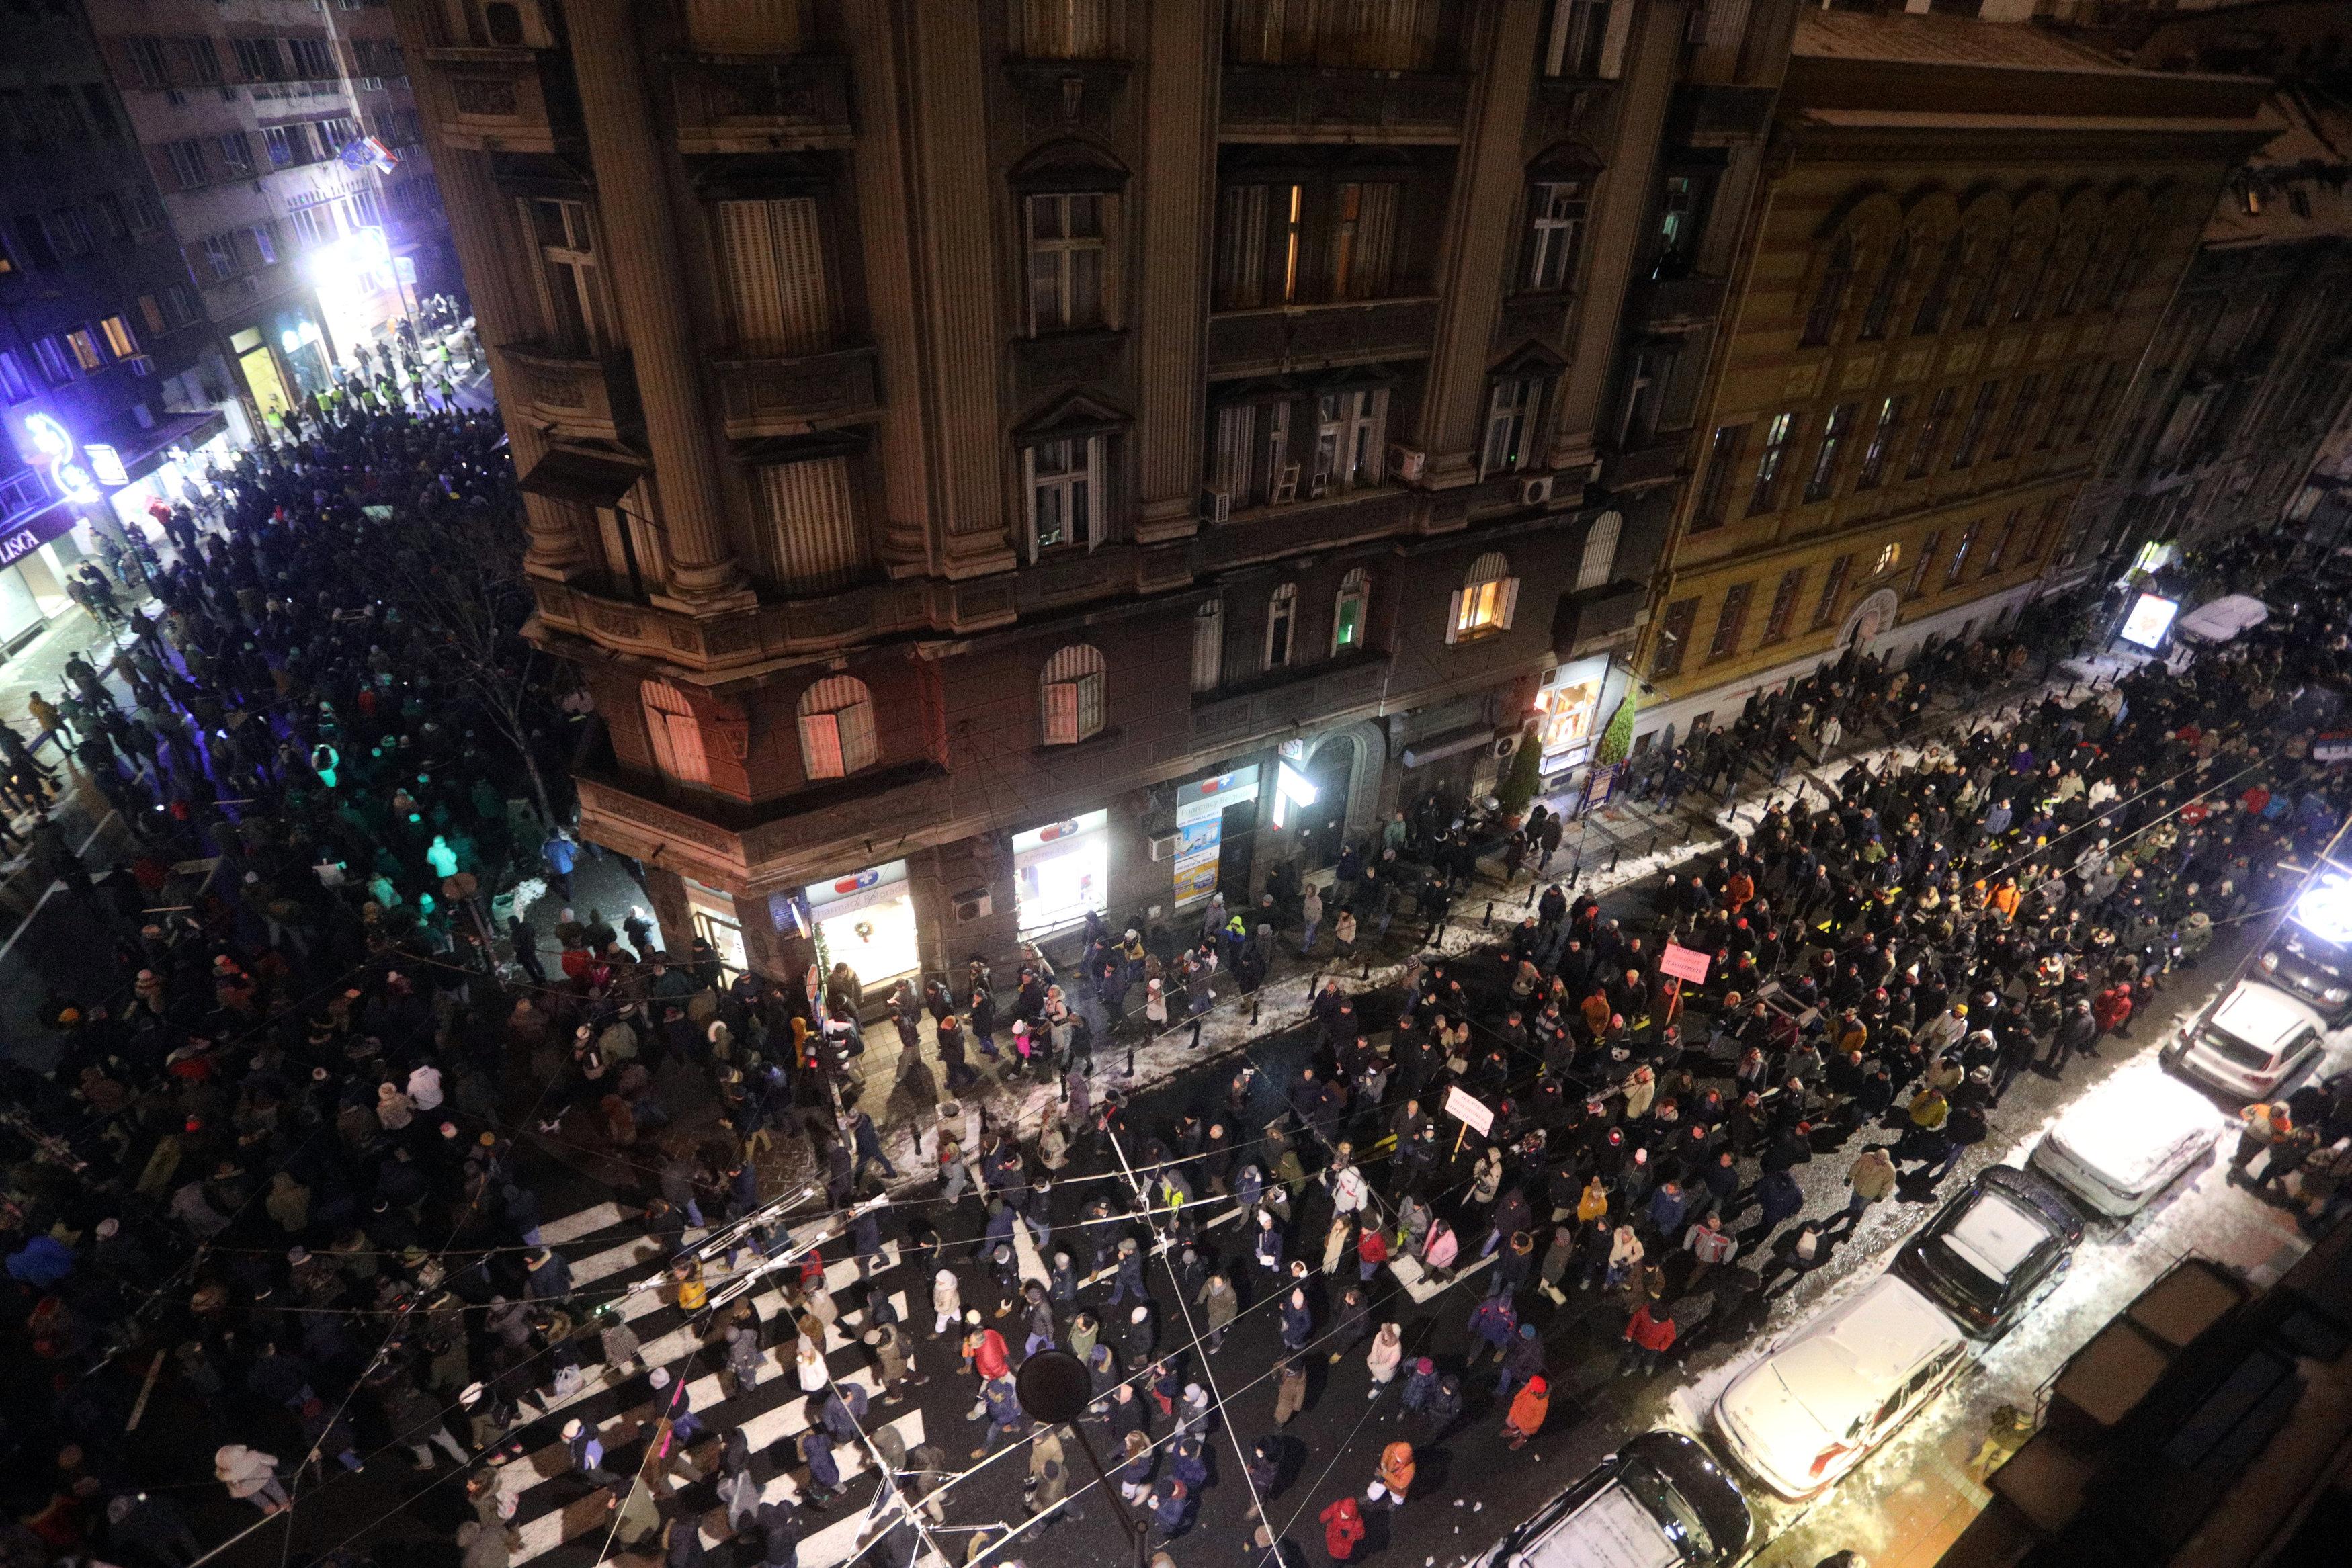 الاحتجاجات الحاشدة ضد الرئيس الصربى فى شوارع بلجراد (5)